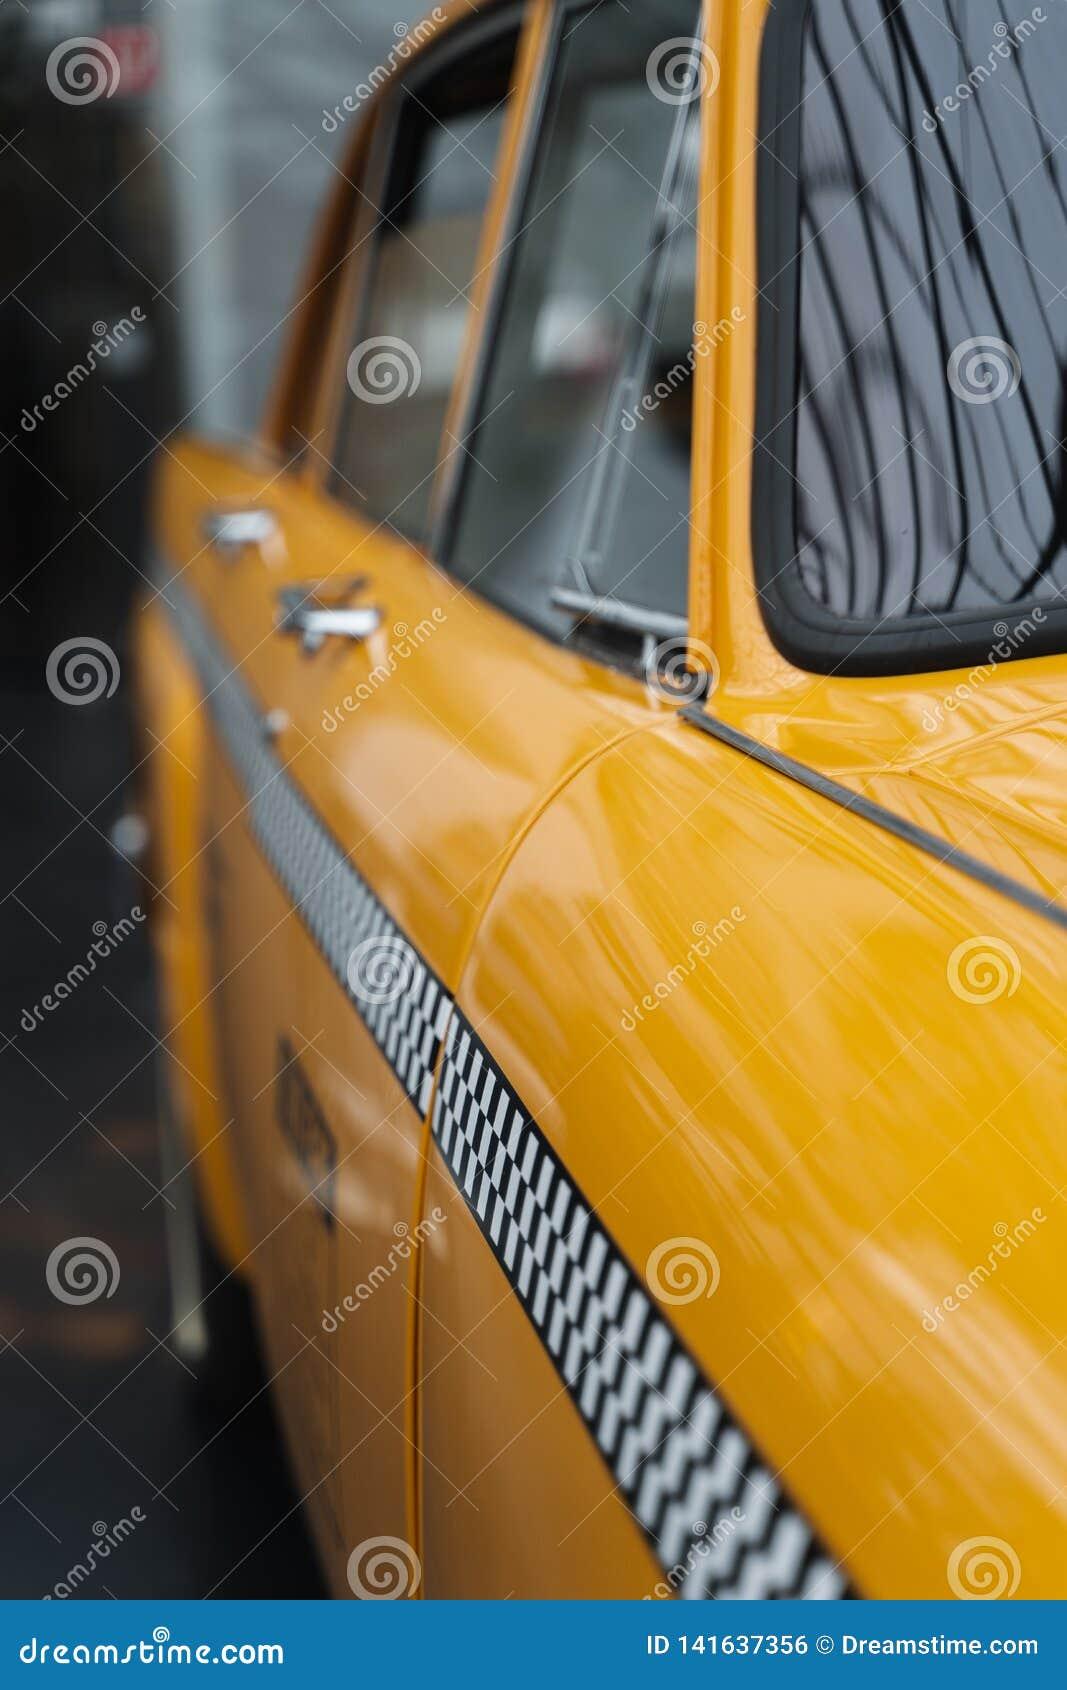 Dettaglio giallo della carrozza